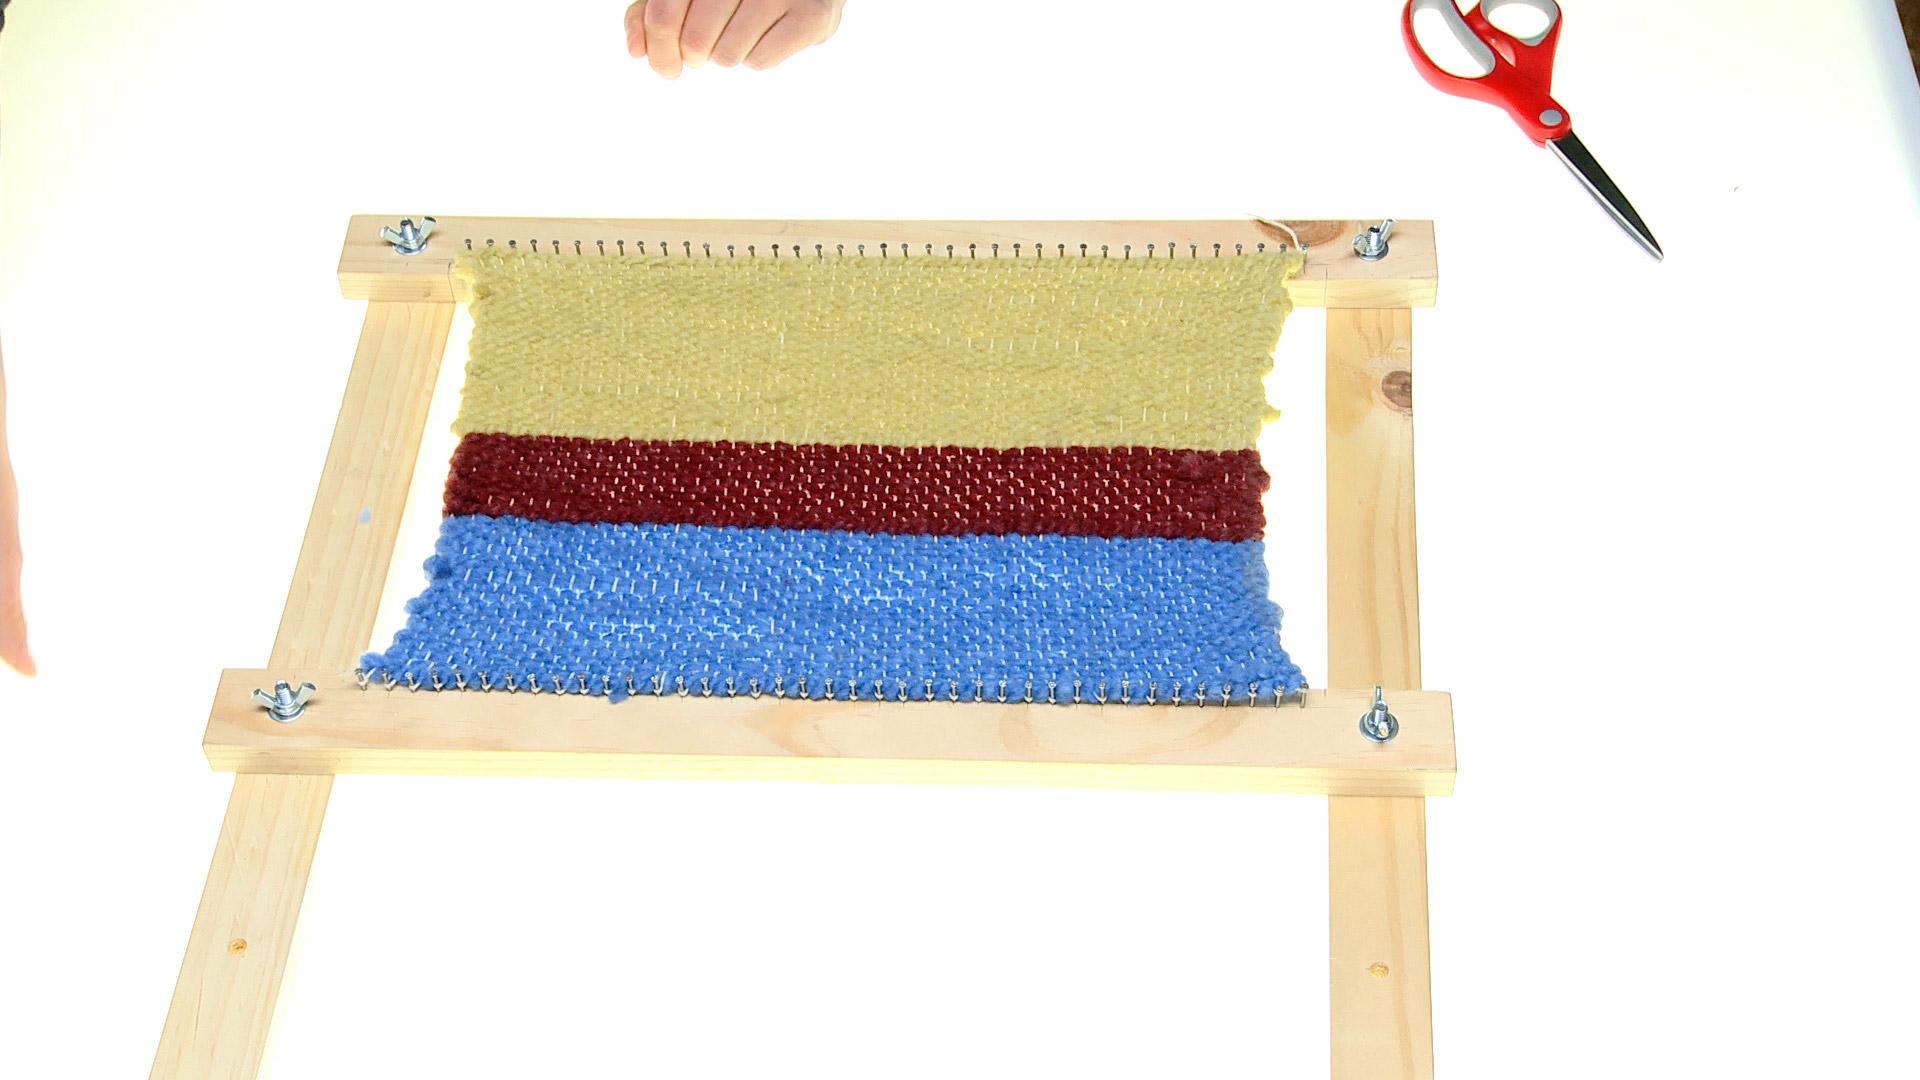 Con la lana podemos tejer con palillos o croché, y también hacer telares. Es decir, un tejido donde se van entrelazando las lanas, hasta tener una trama bien tupida.